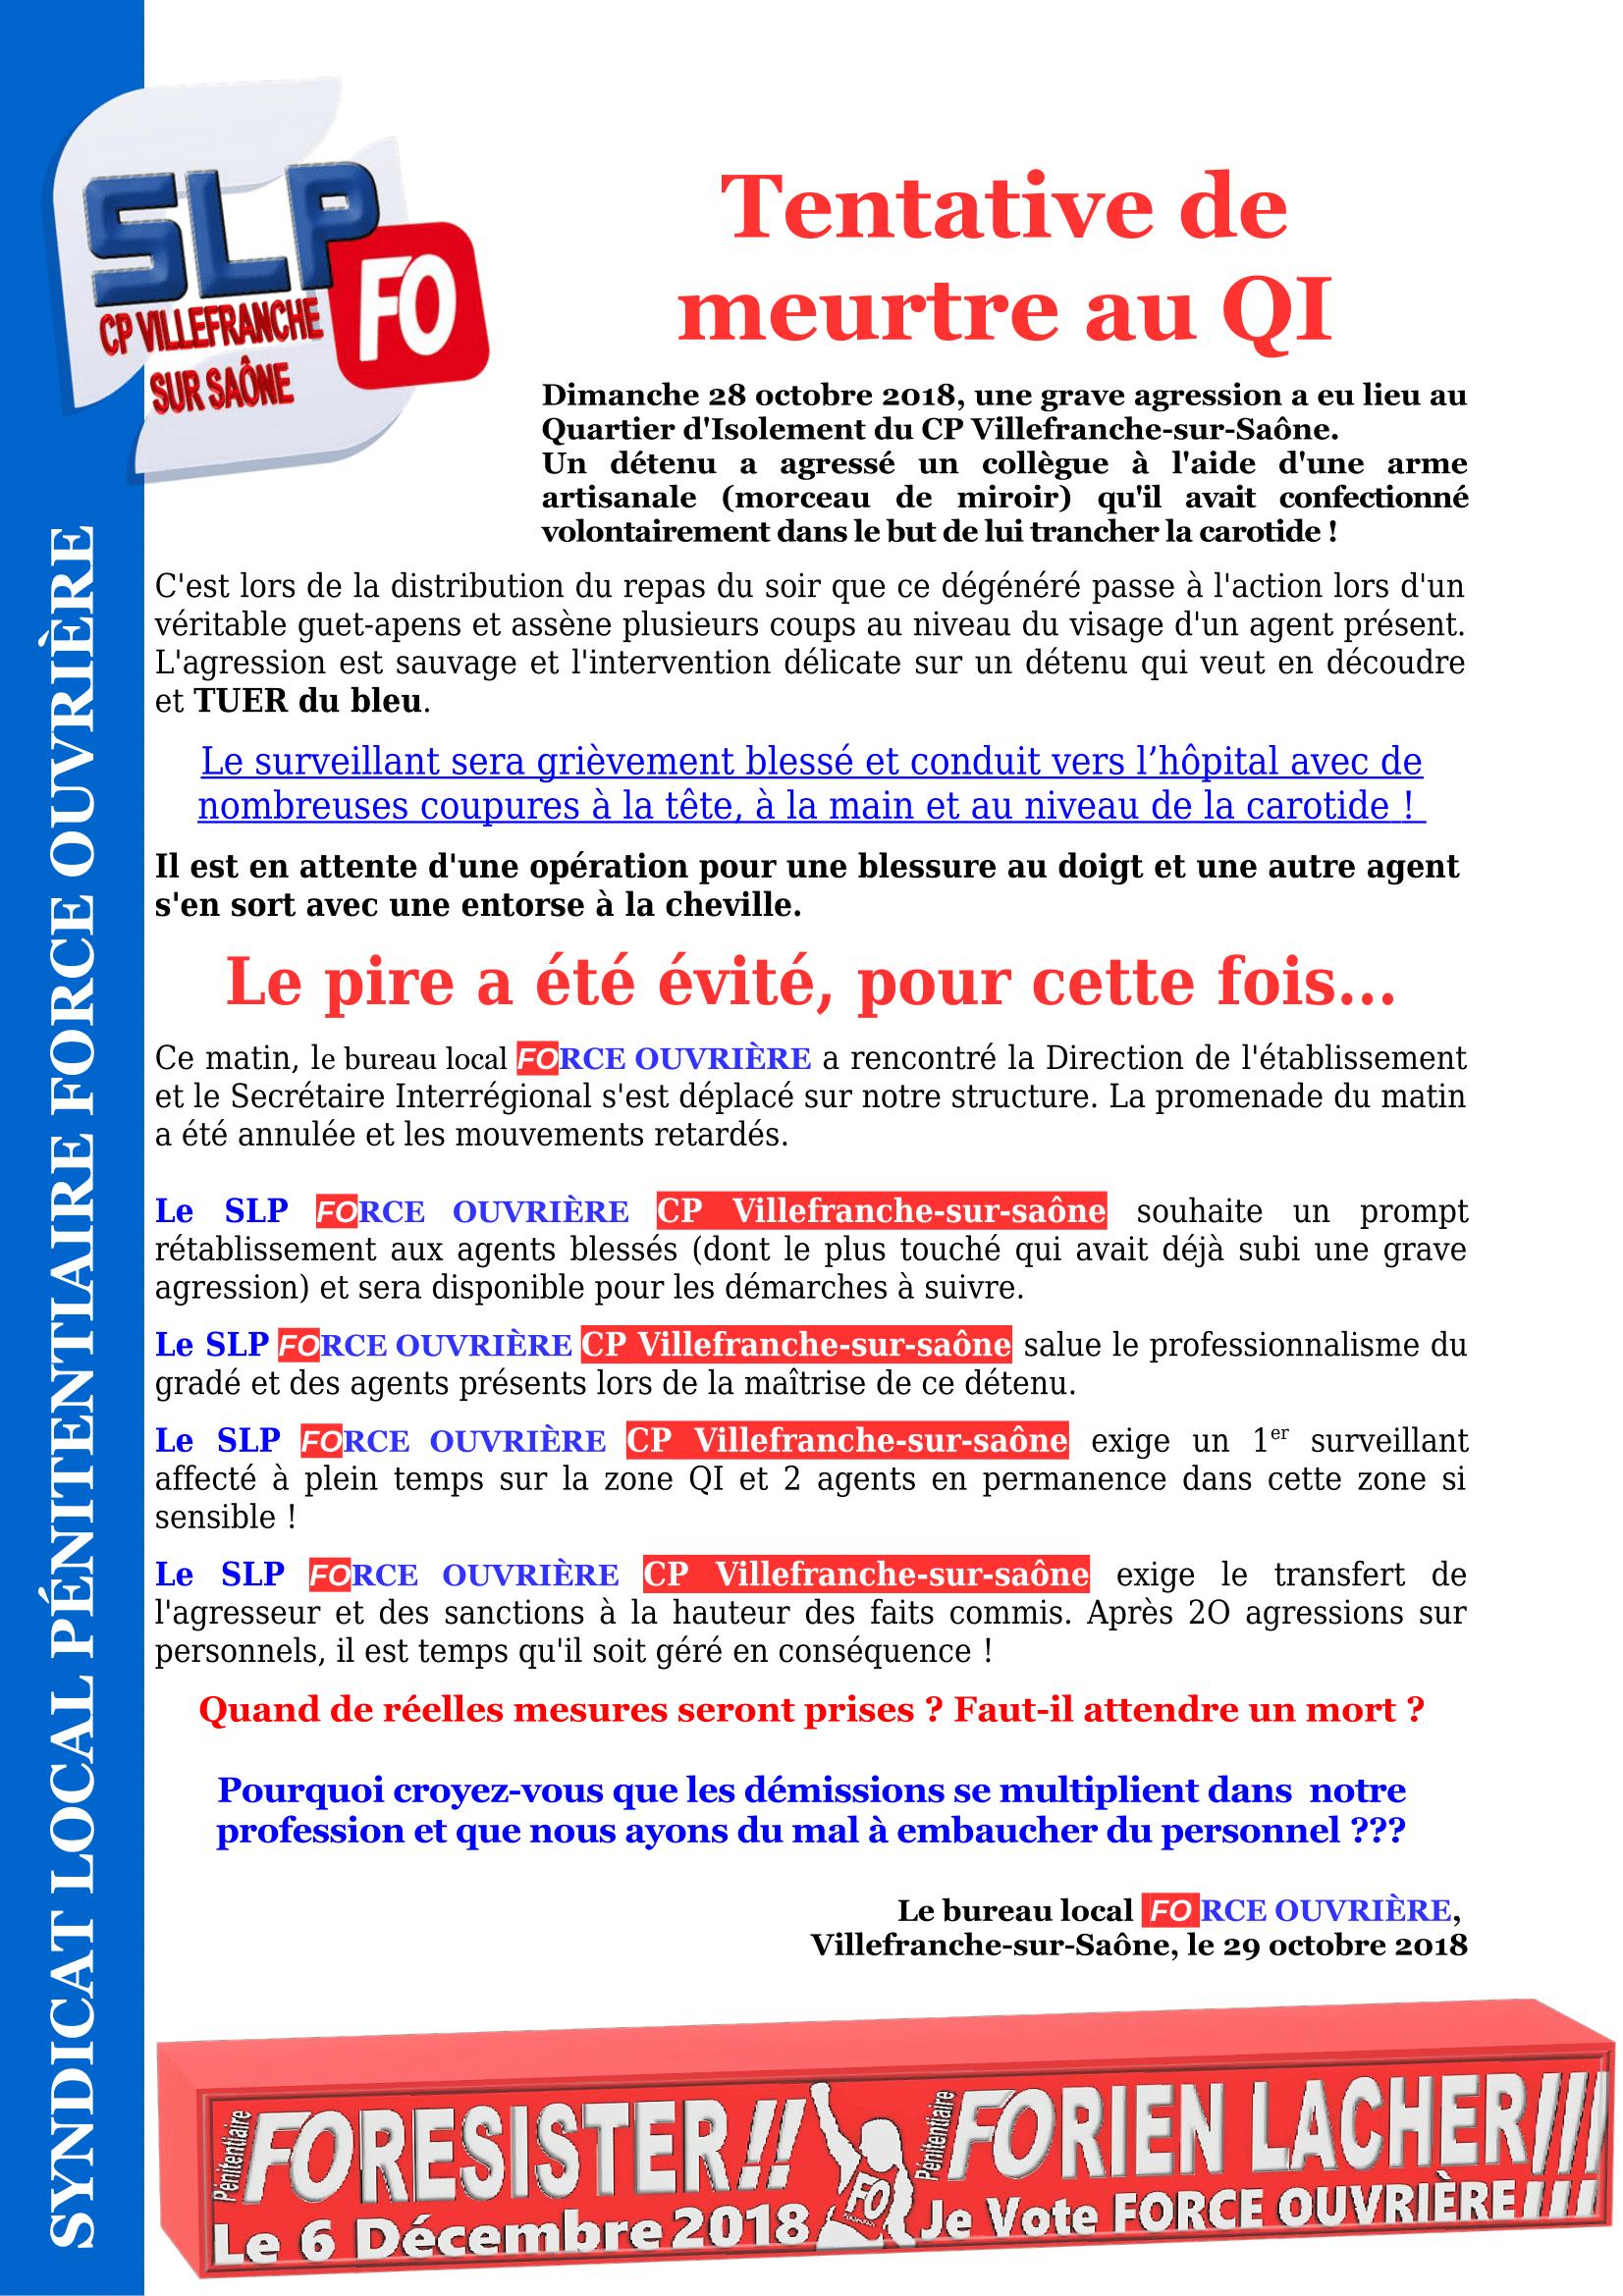 Tentative de meurtre QI CP Villefranche 291018-1